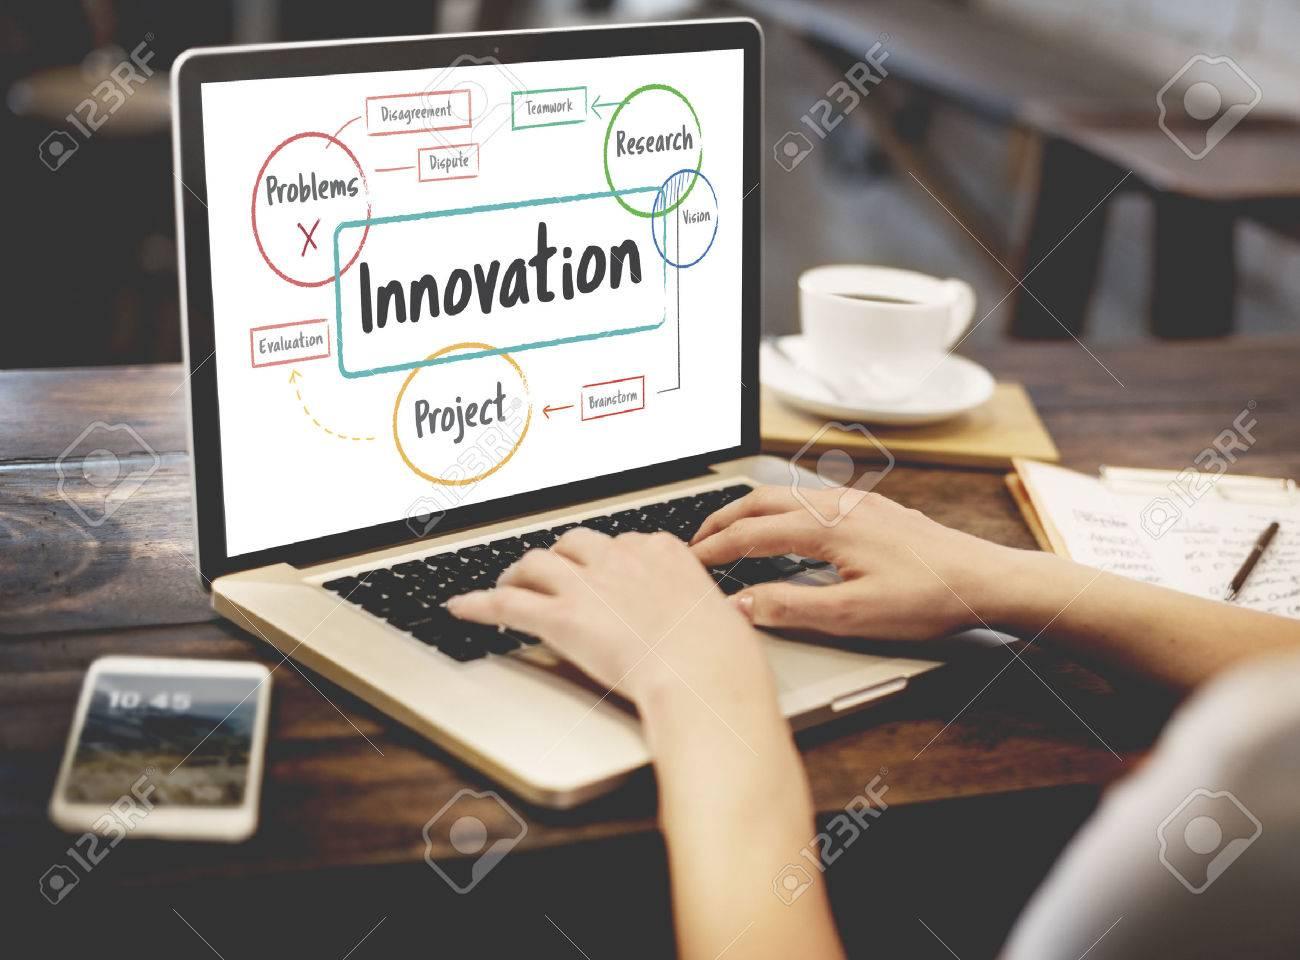 Inspiration idées créatives Brainstorming Concept Banque d'images - 73261014